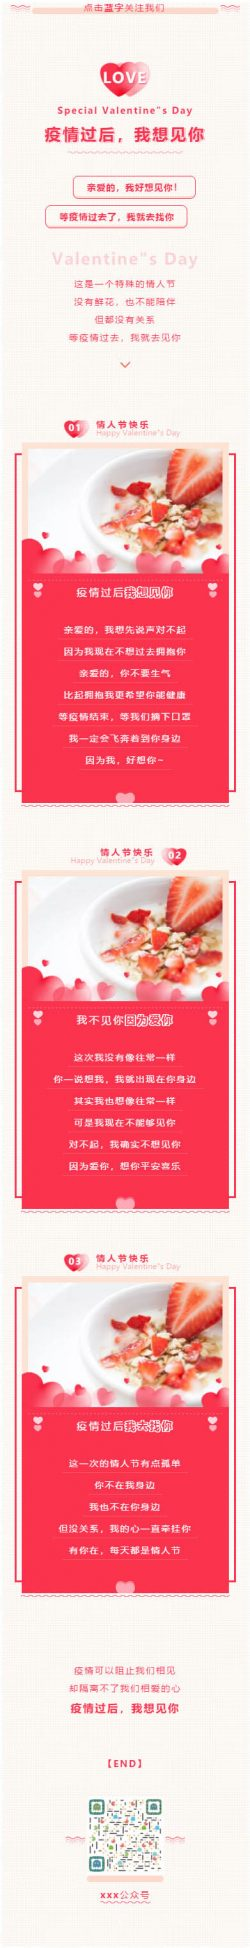 """情人节Valentine""""s Day爱情节日西方传统节日粉红色微信推文模板推送图文素材"""